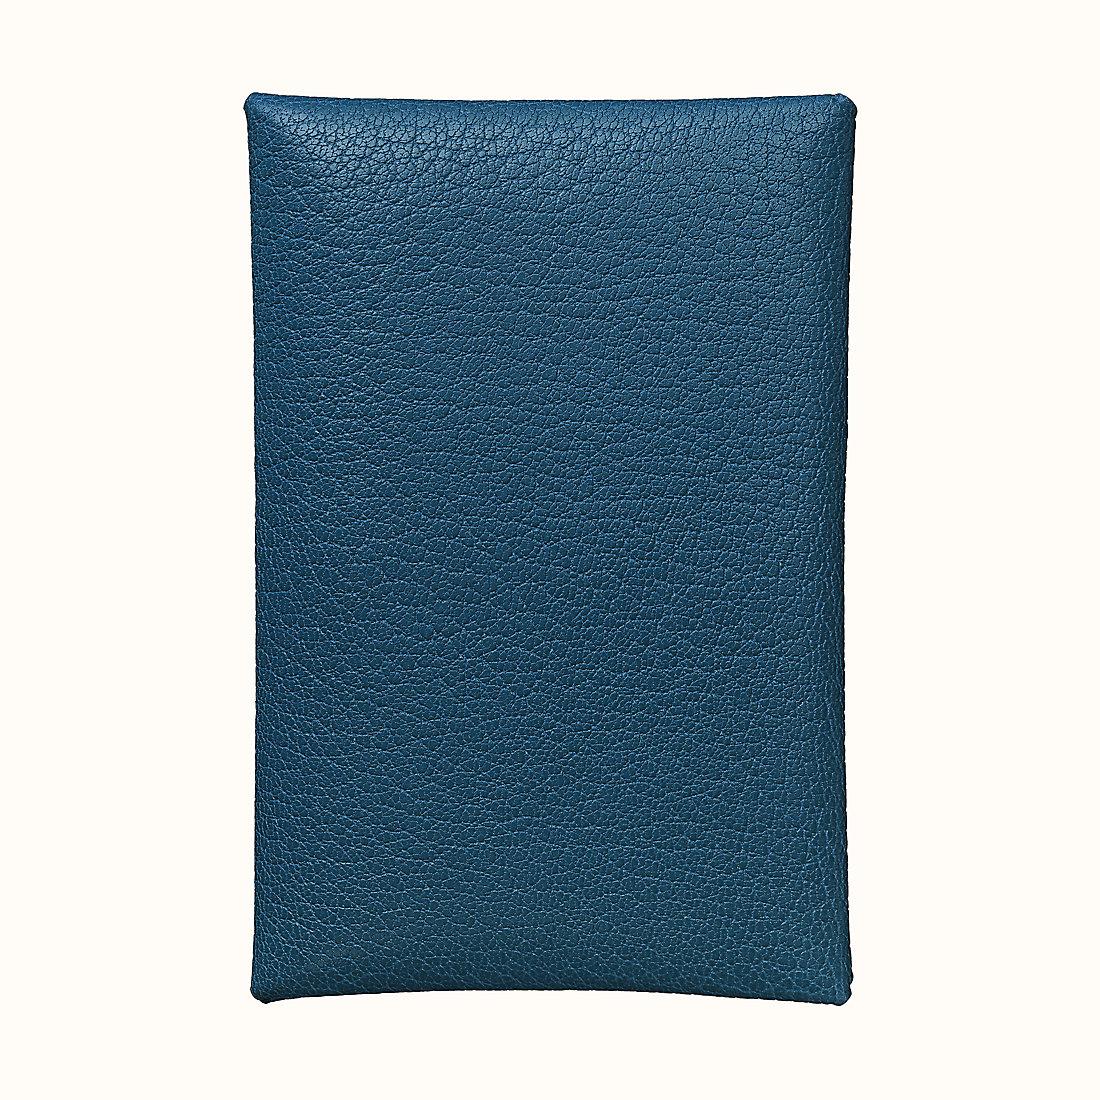 香港香港島中西區愛馬仕 Calvi 山羊皮卡包 CKS4 深藍色